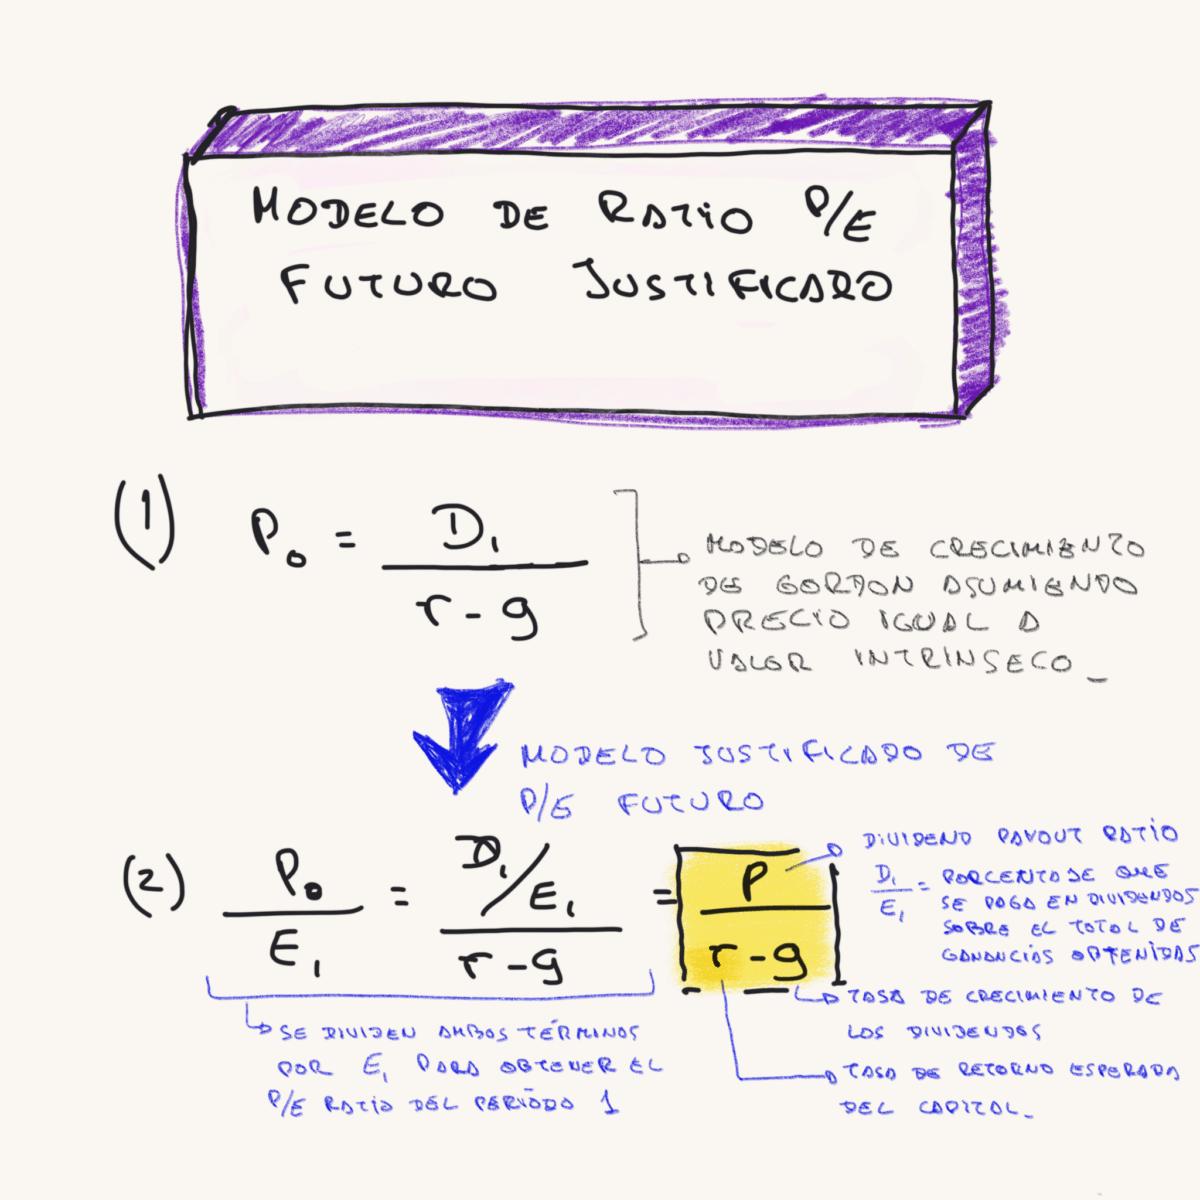 fórmulas del modelo PE justicado